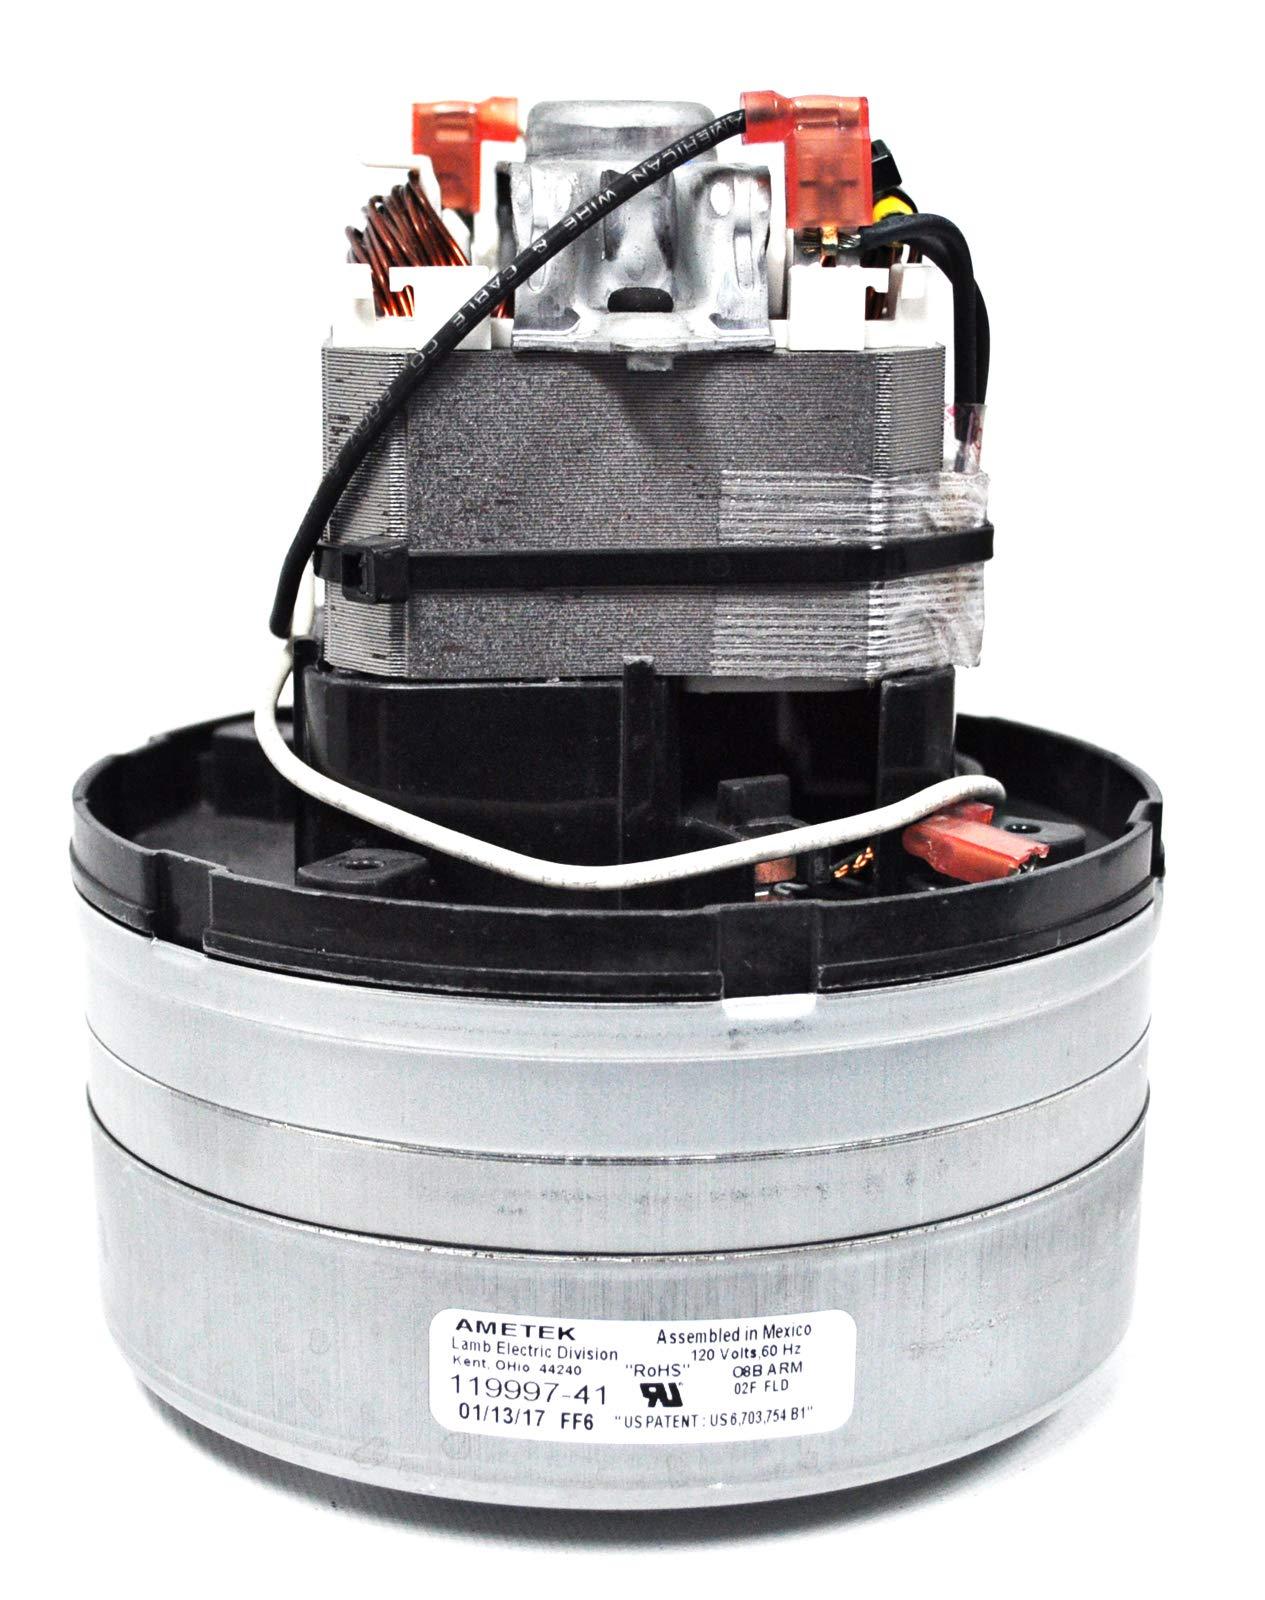 Ametek Lamb 5.7 Inch 120 Volt TF 2 Stage Vacuum Motor 119997-41 by Ametek